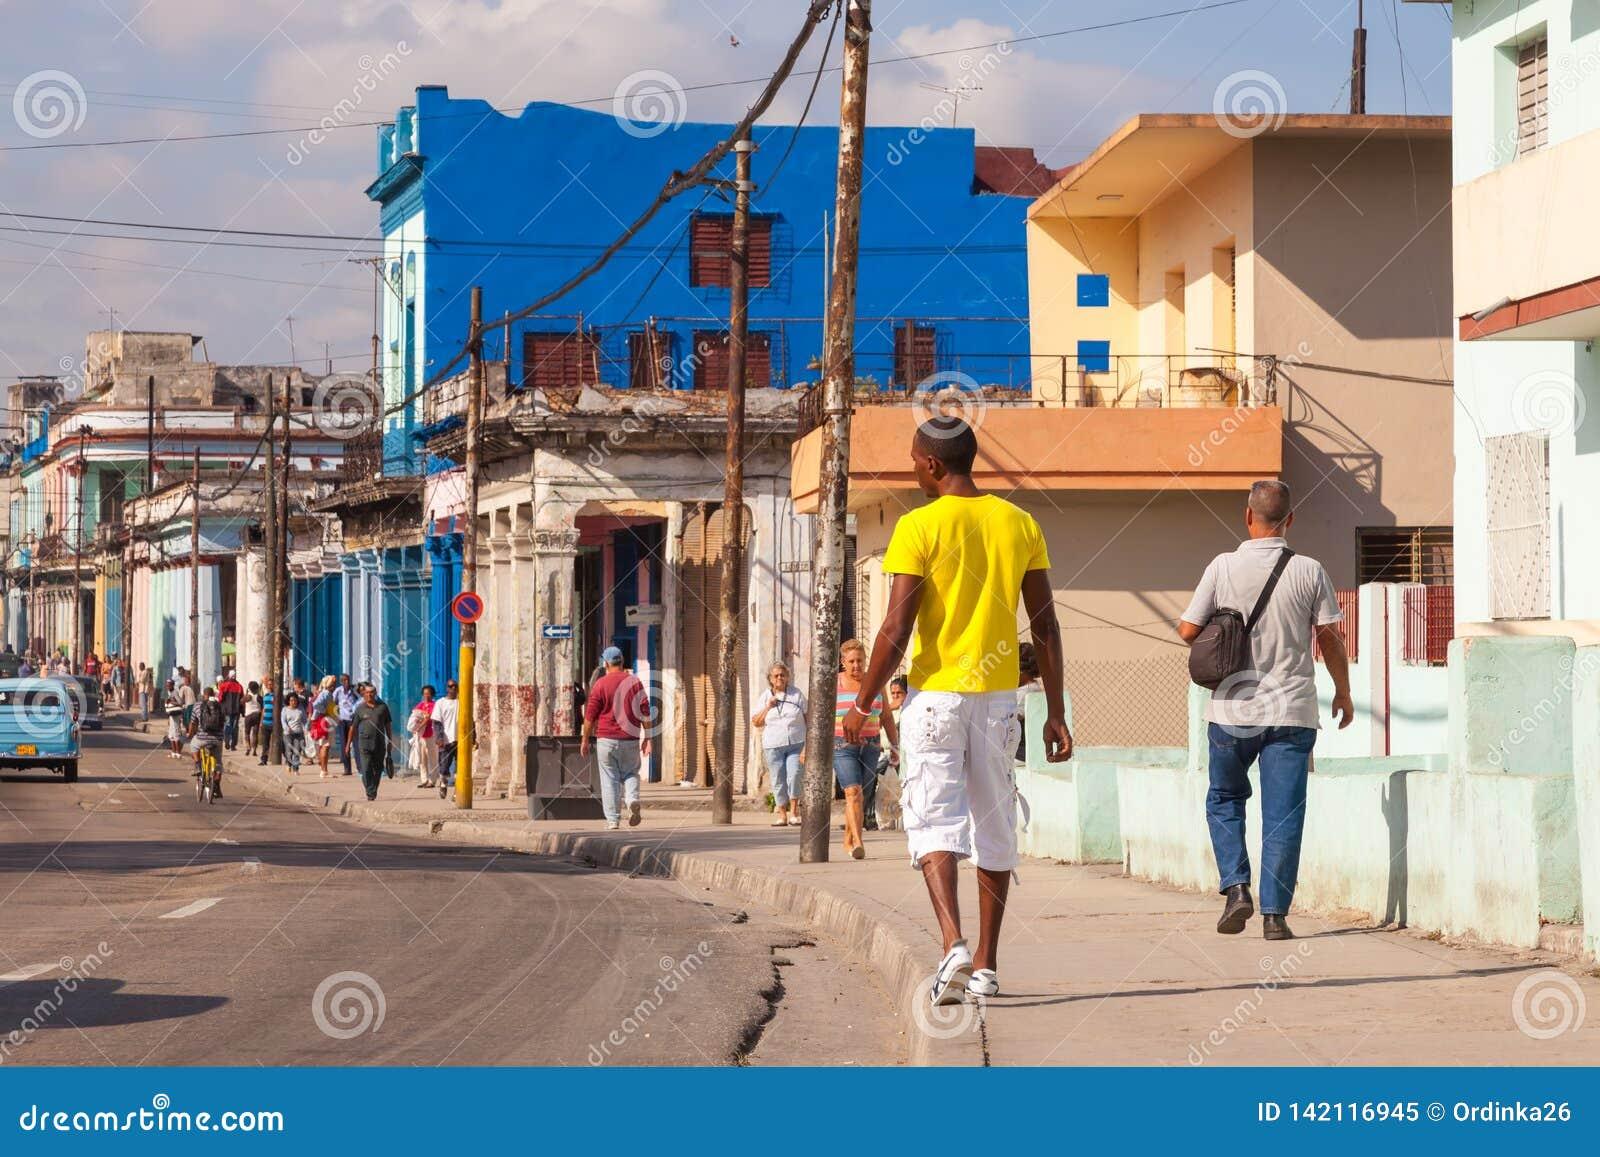 HAVANA, KUBA: authentische alte Straße in der Stadt von Havana im alten Bezirk von Serrra